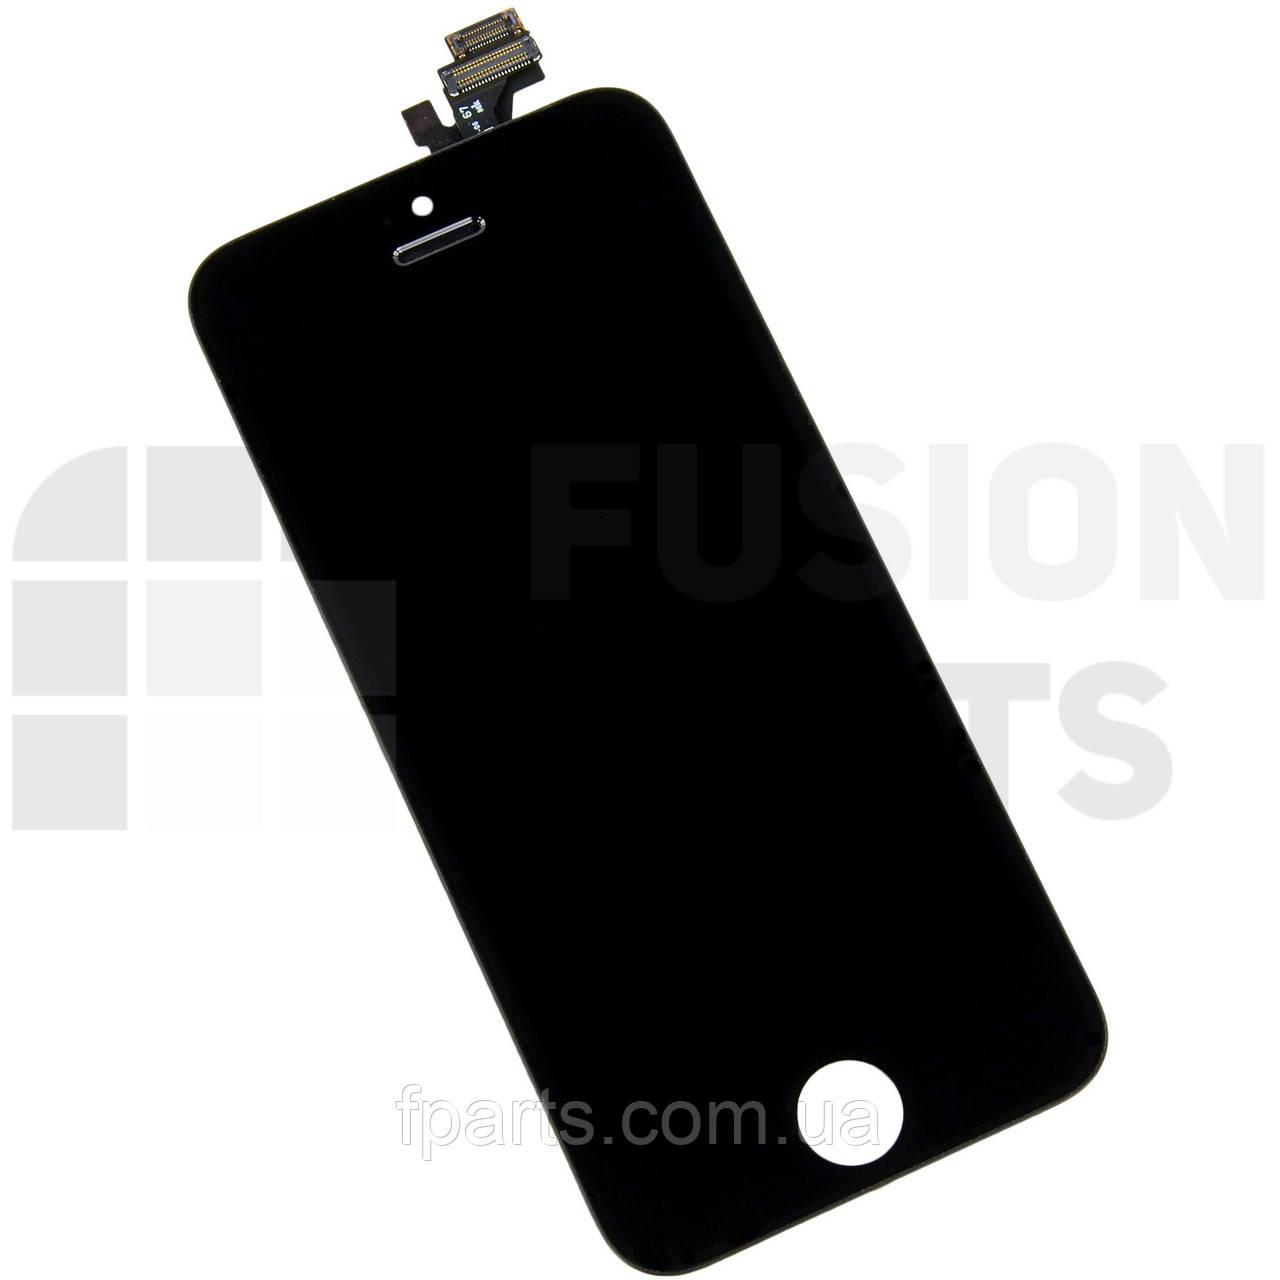 Дисплей iPhone 5G с тачскрином (Black) Original Foxconn